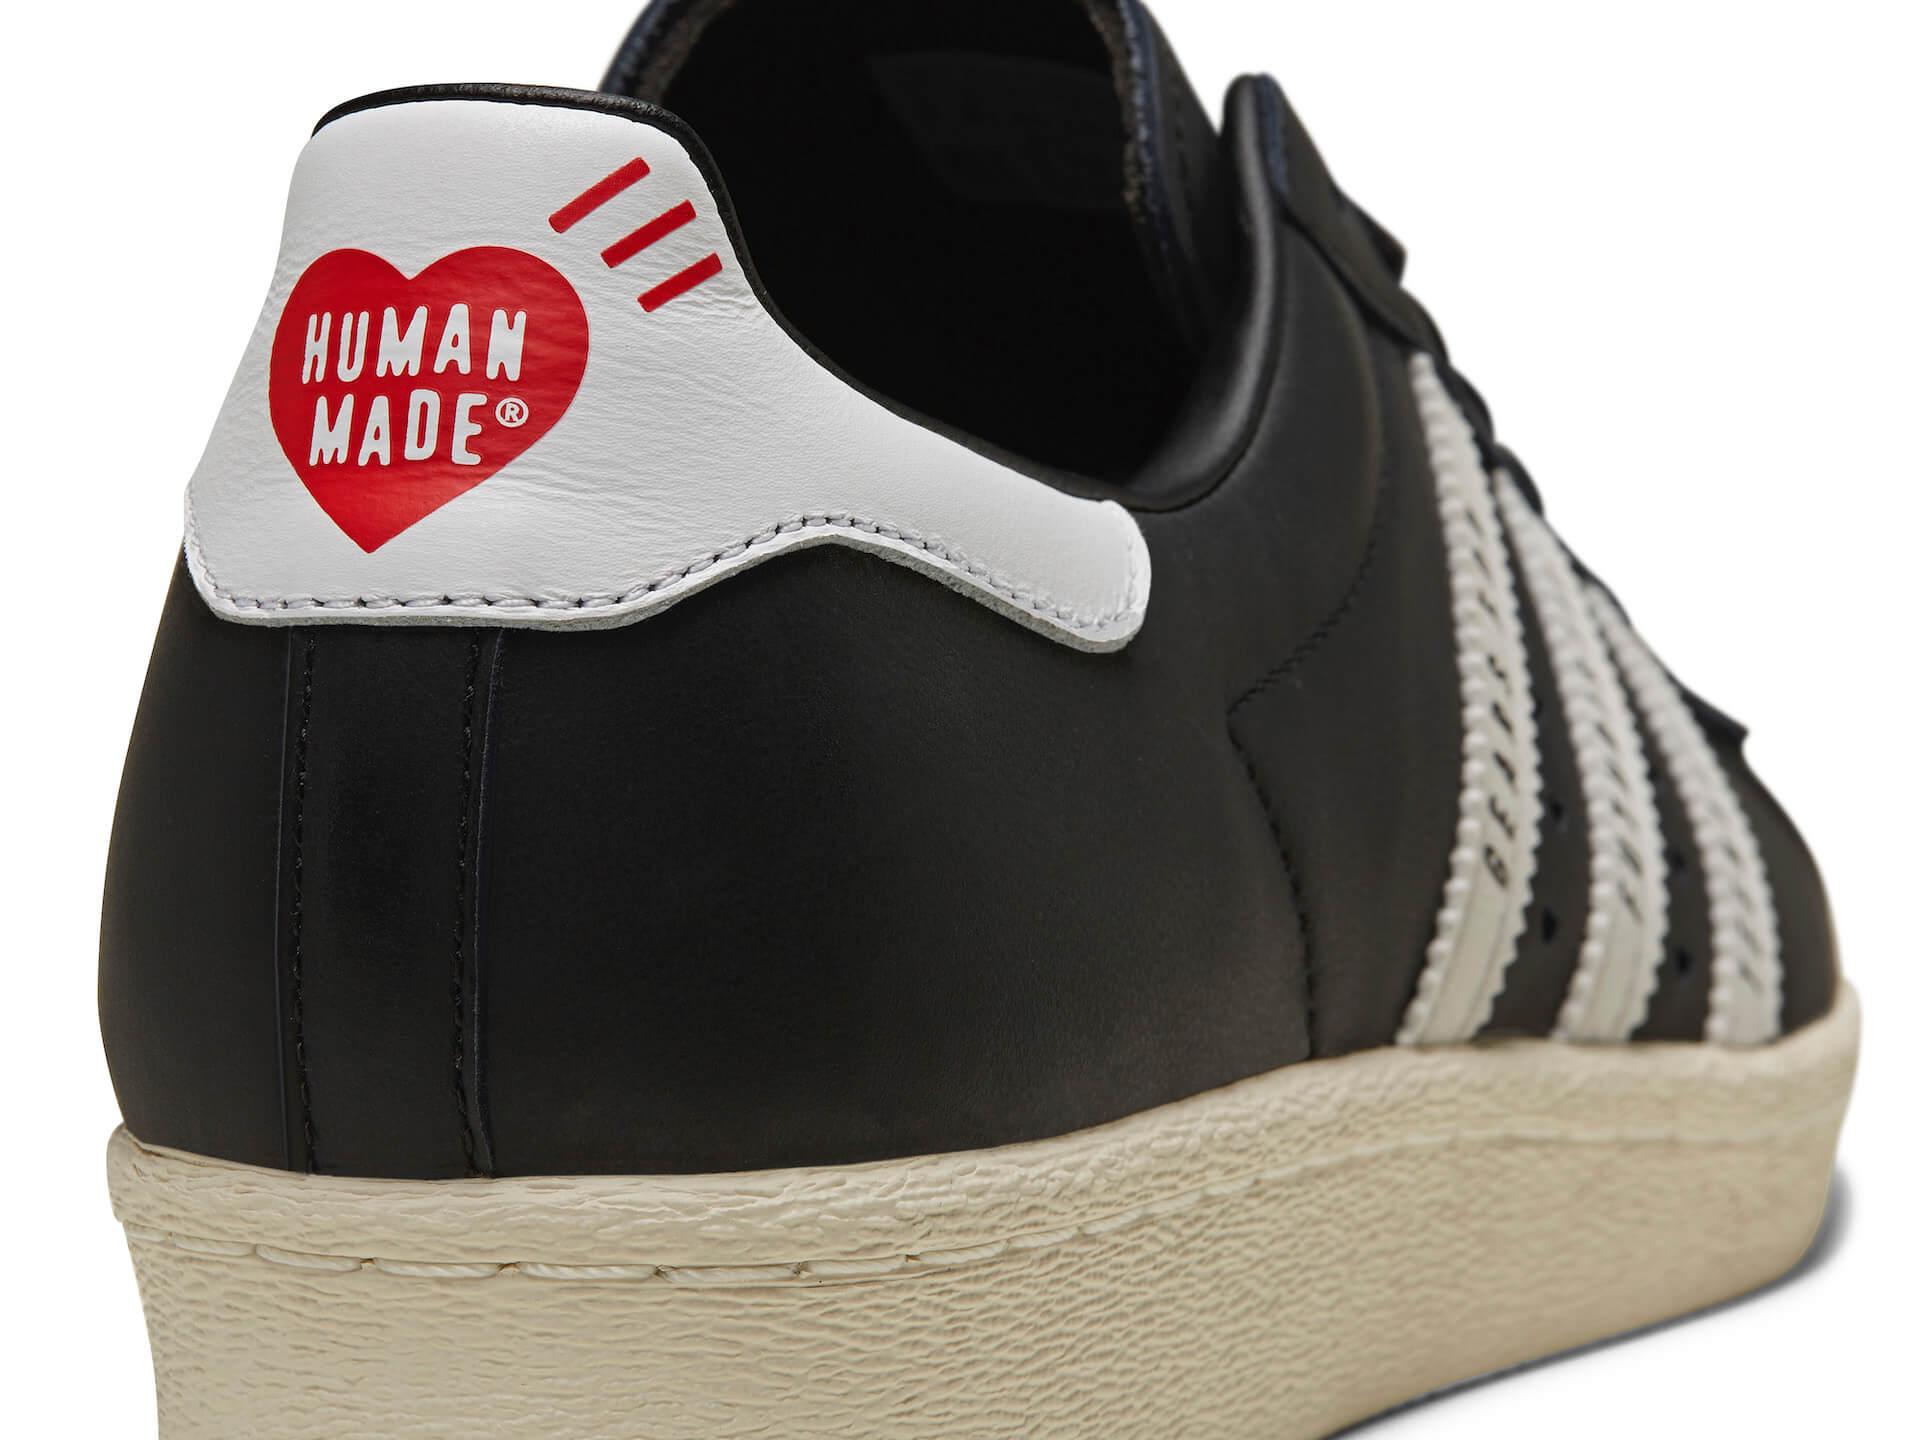 adidas OriginalsとNIGOがコラボ!ハートロゴがあしらわれた『SUPERSTAR』が発売 lf200417_adidashumanmade_12